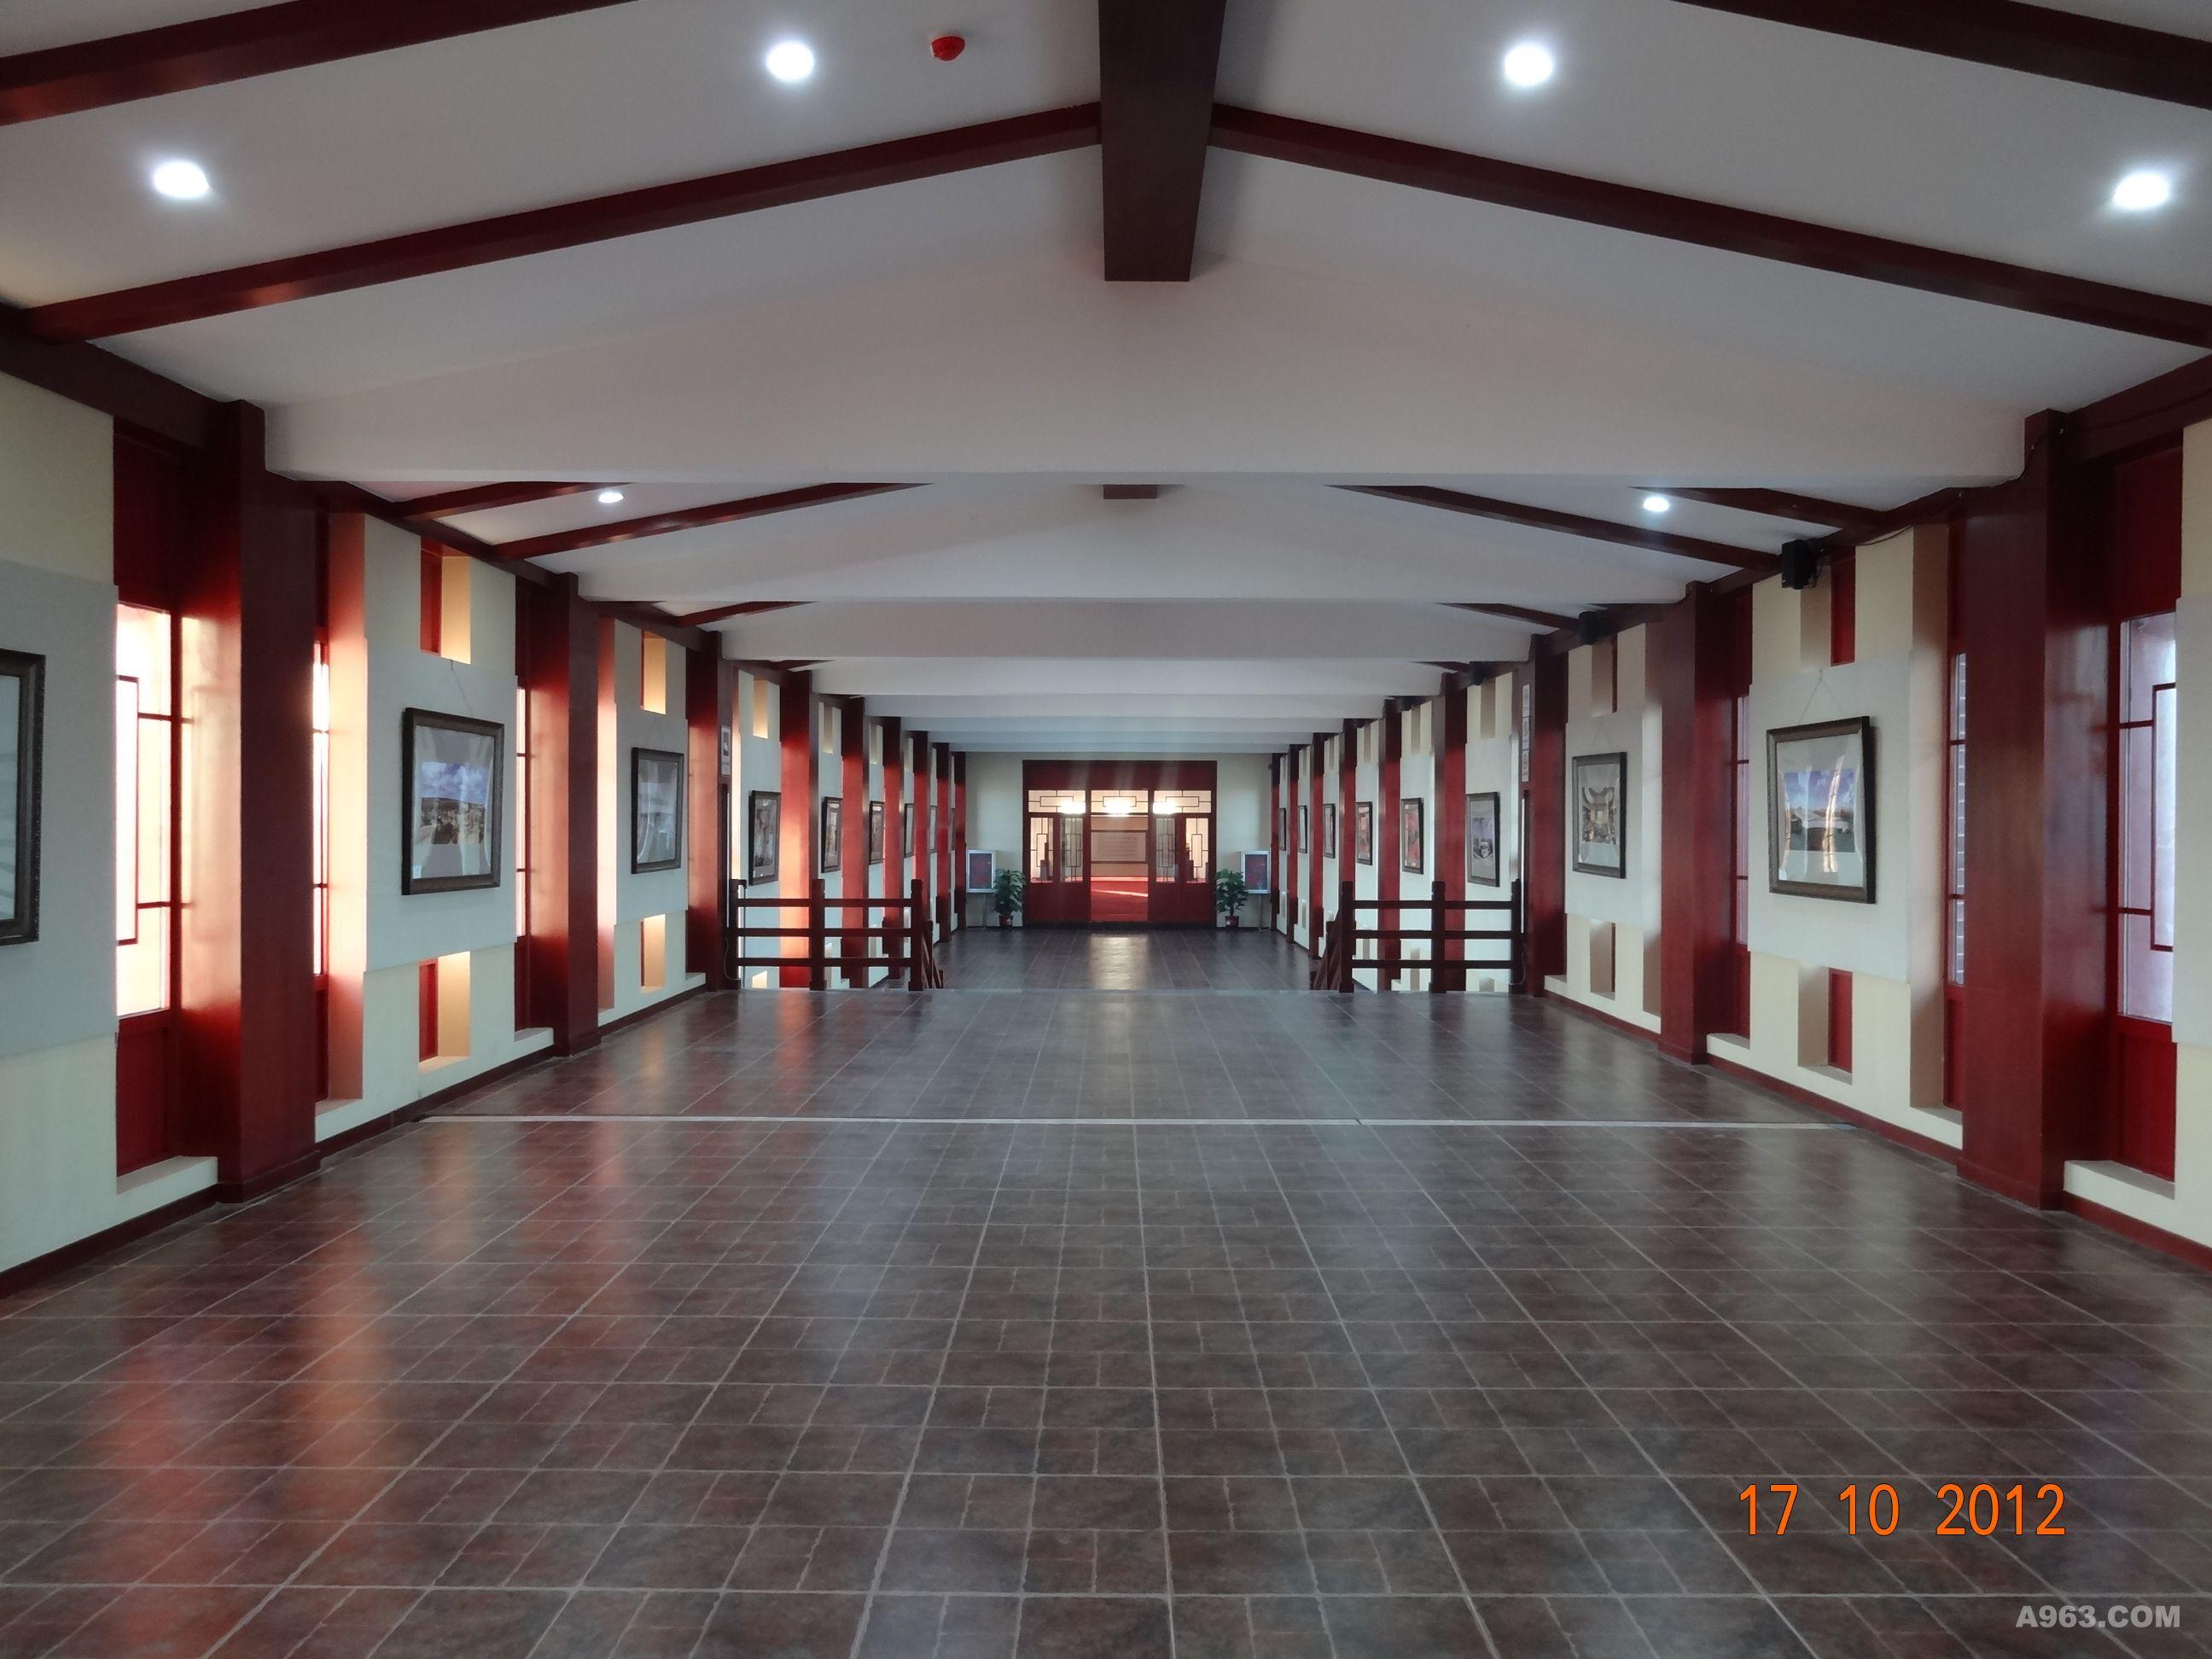 """甘泉宫---内蒙古东联书画博物馆,是国内外最大的当代中国书画名家经典艺术主题博物馆,是以中国国家画院为学术支持单位,当代百位中国书画名家担纲书画艺术顾问和艺术委员会委员,由内蒙古东联控股集团投资建设的大型书画博物馆。是组织创作、收藏、展览当代书画名家经典作品的专题性书画博物馆,也是目前国内外最大的当代中国书画名家经典艺术主题博物馆。 经过多次方案研讨和现场实地勘查,结合贵公司高管层的主题思想,我们紧紧围绕""""轻装修,重展览""""这一理念进行了二次深化布展设计。本次展览方案对103幅书画展"""